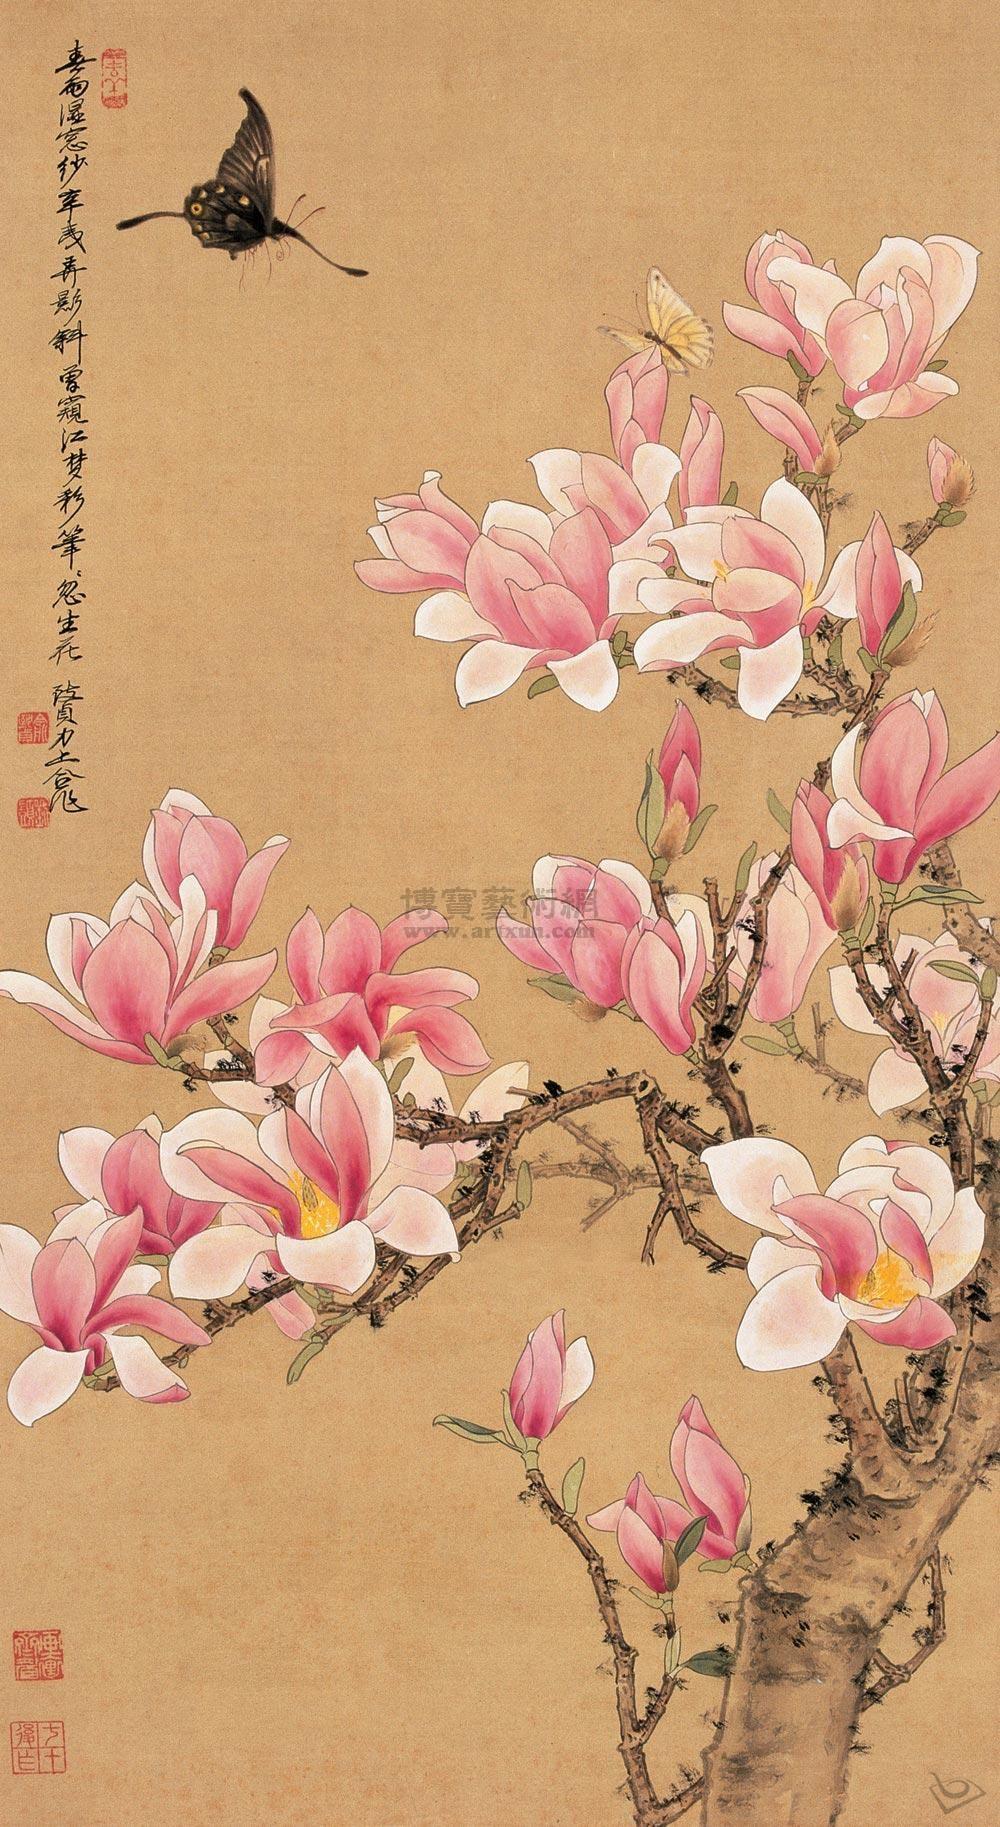 Pin By Maya Yakovenko On Chinese Art Blossoms Art Flower Art Japanese Painting